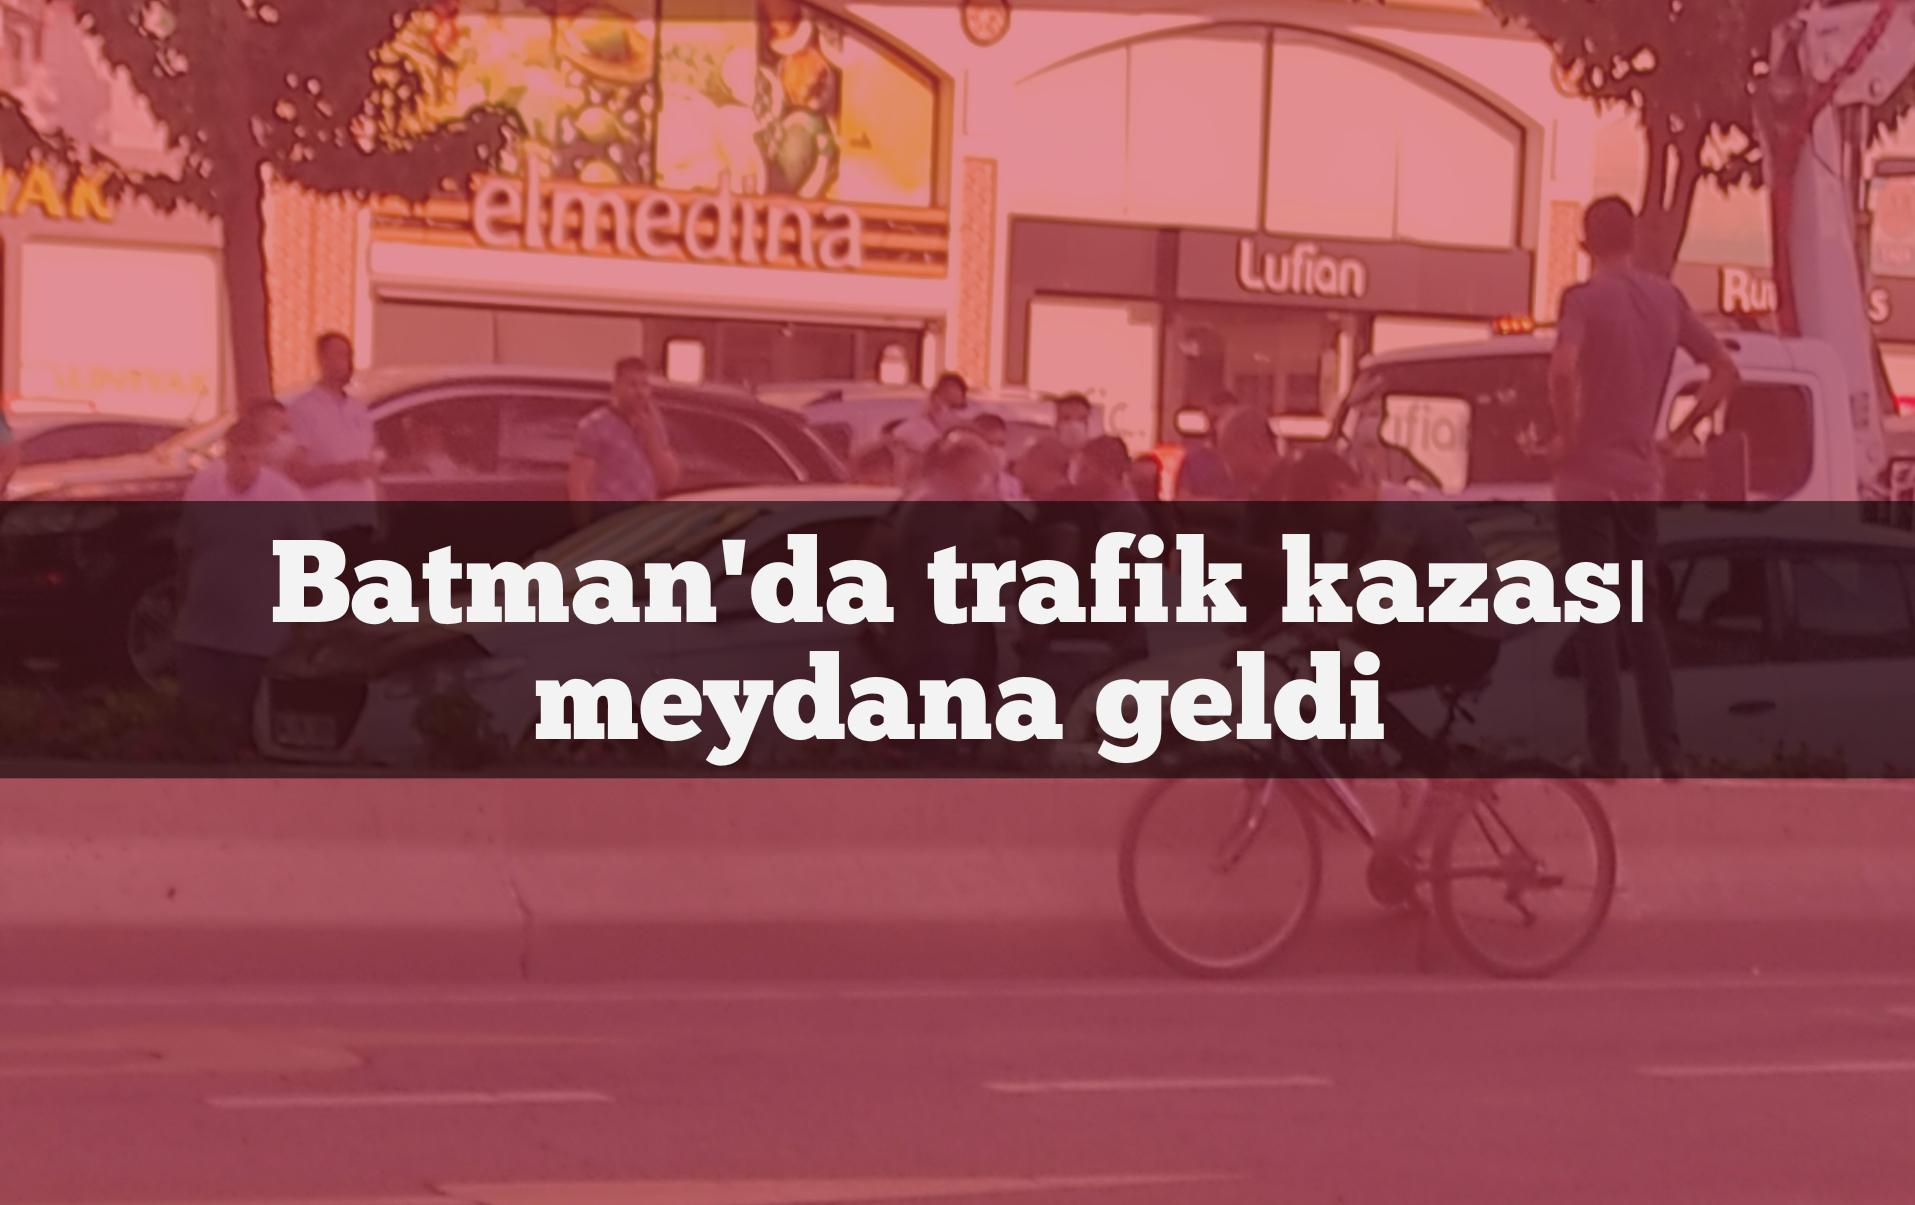 Son Dk : Batman'da trafik kazası meydana geldi